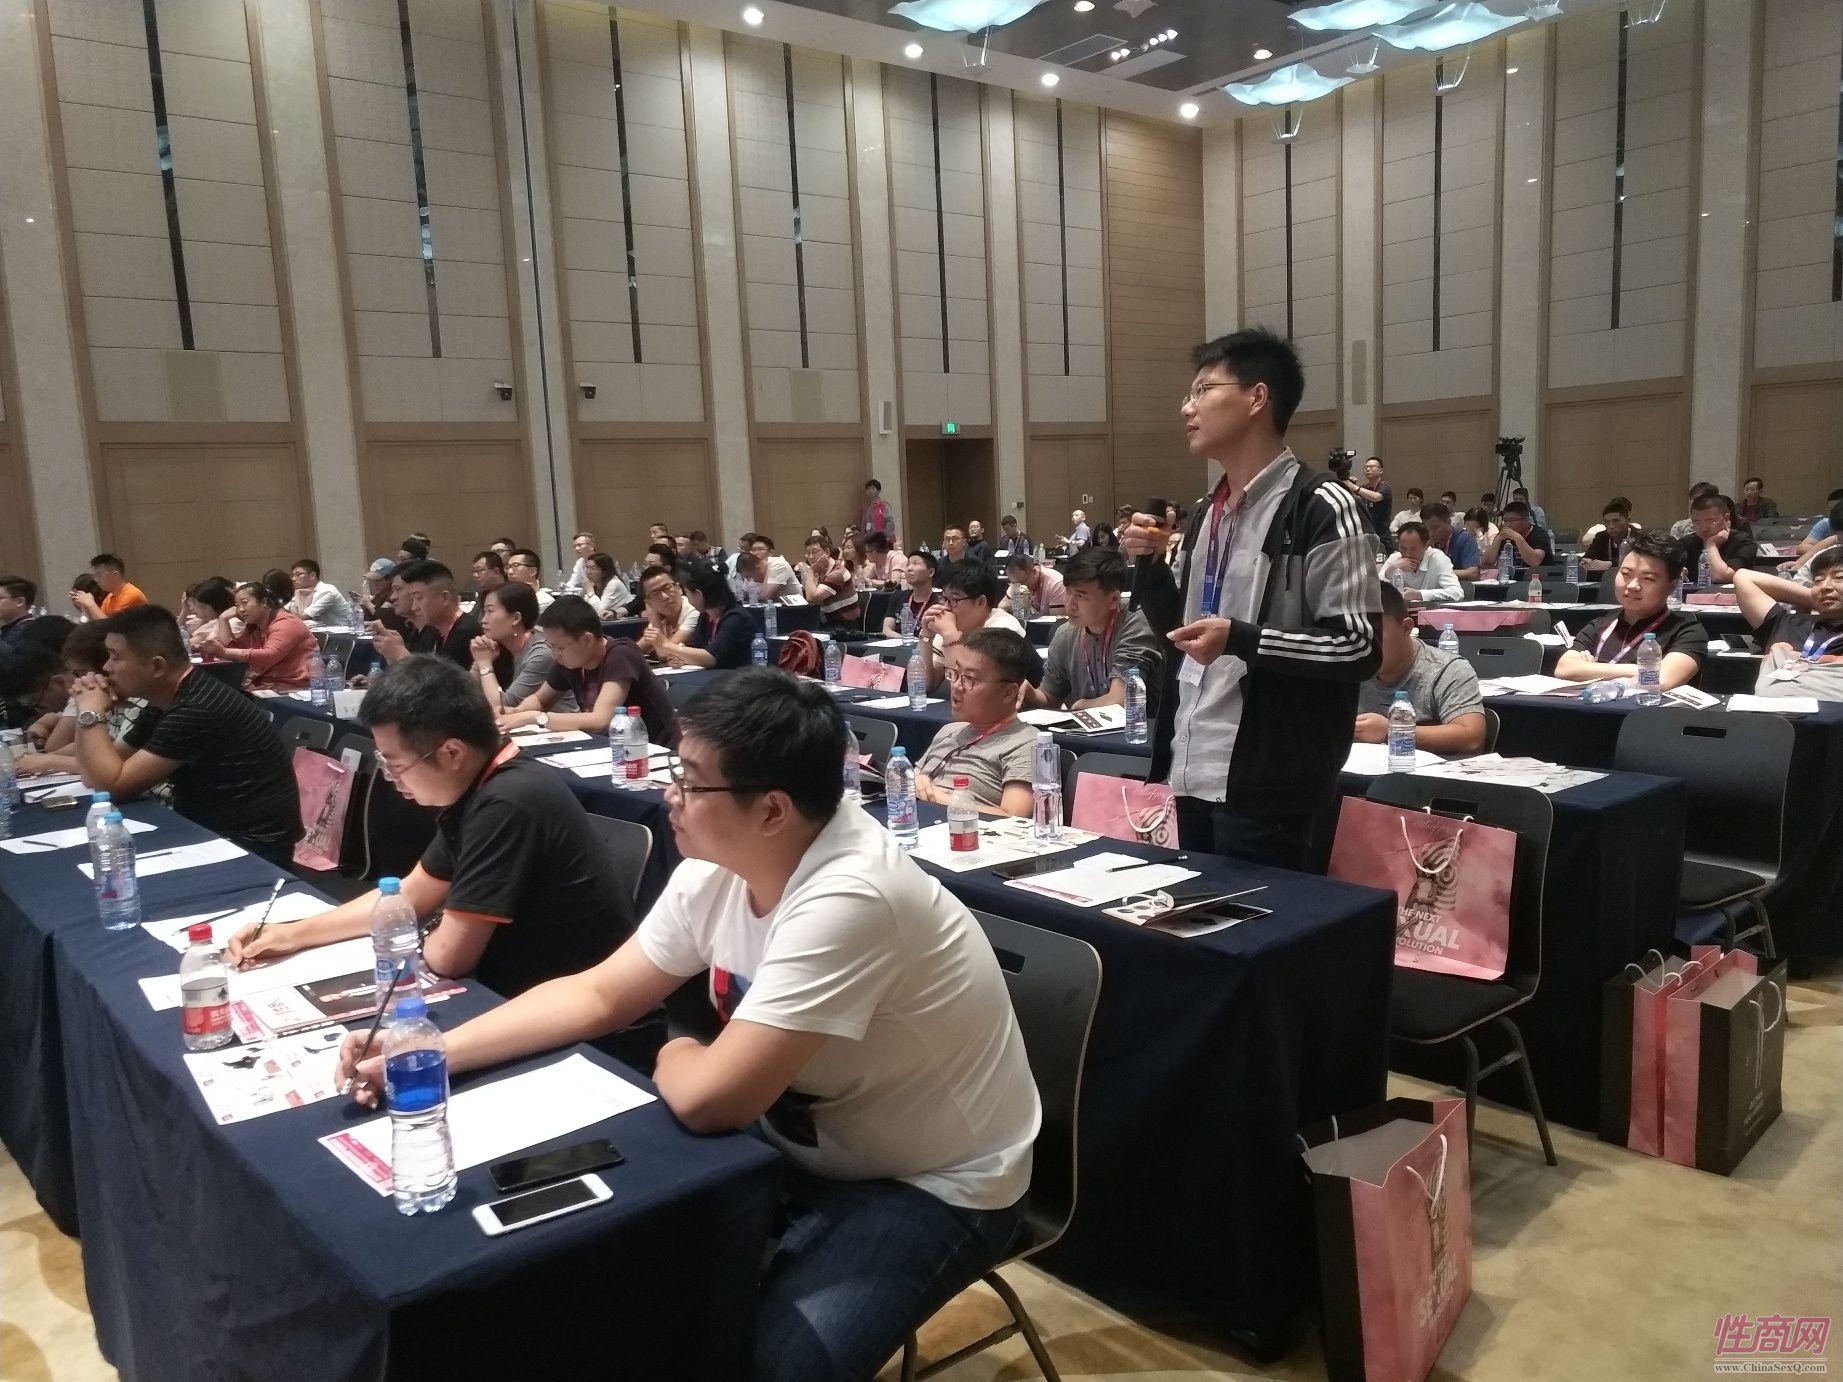 18上海成人展-高峰论坛 (22)